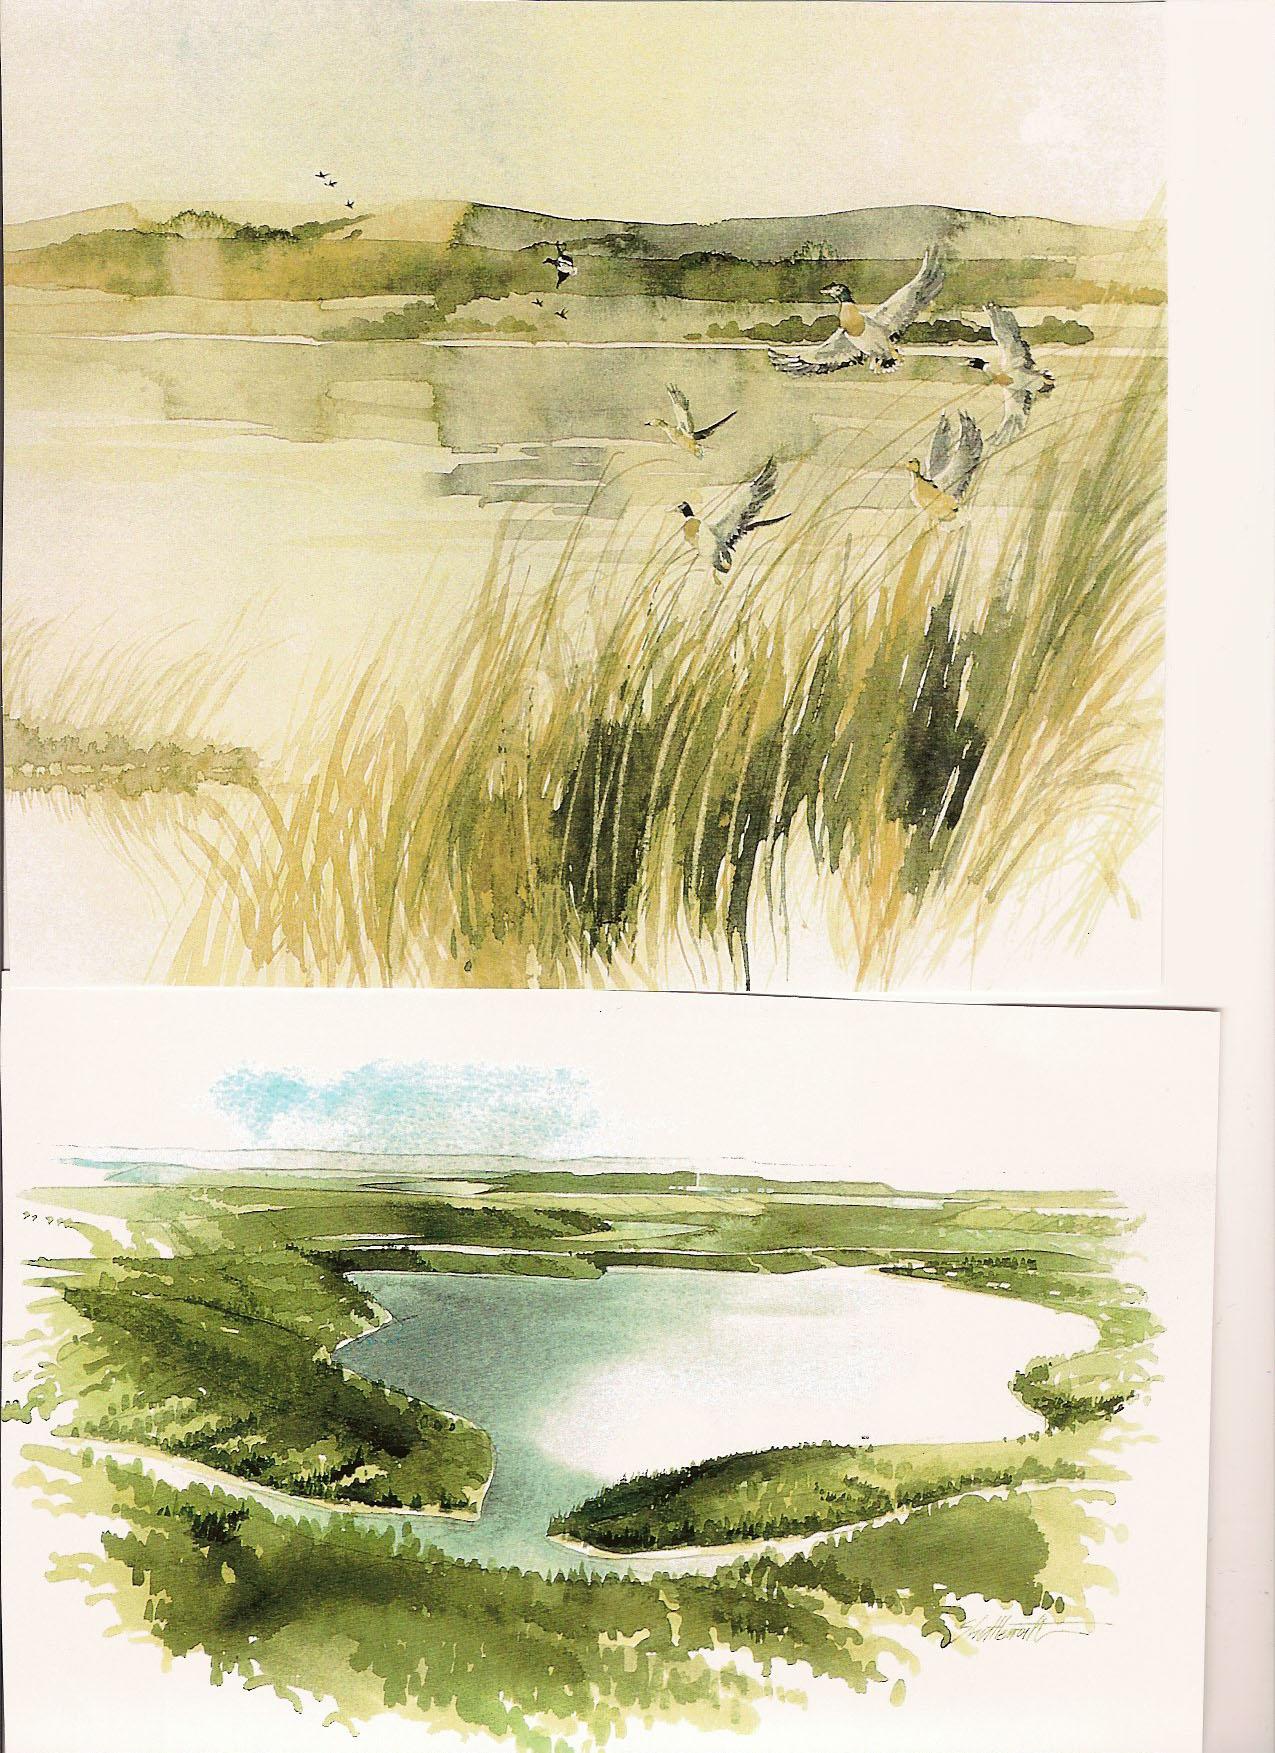 reclaimed landscape-4352650964.jpg